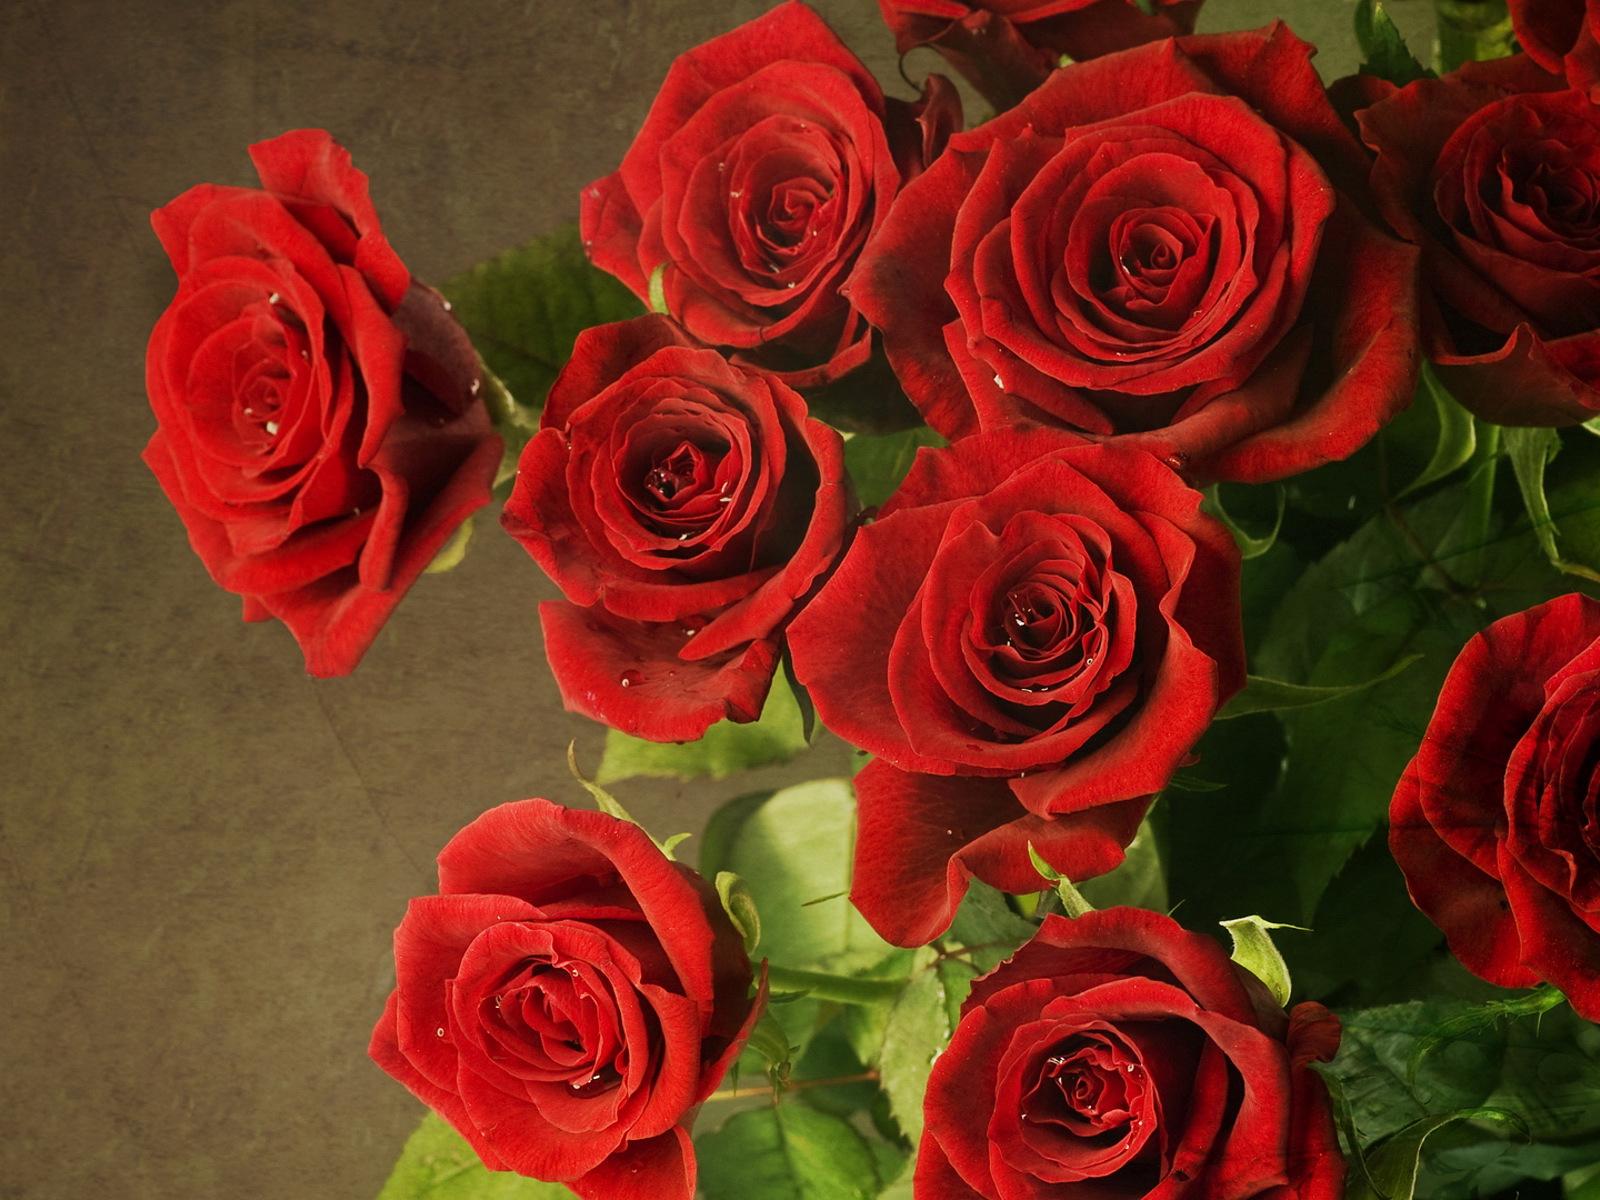 красные розы картинки красивые